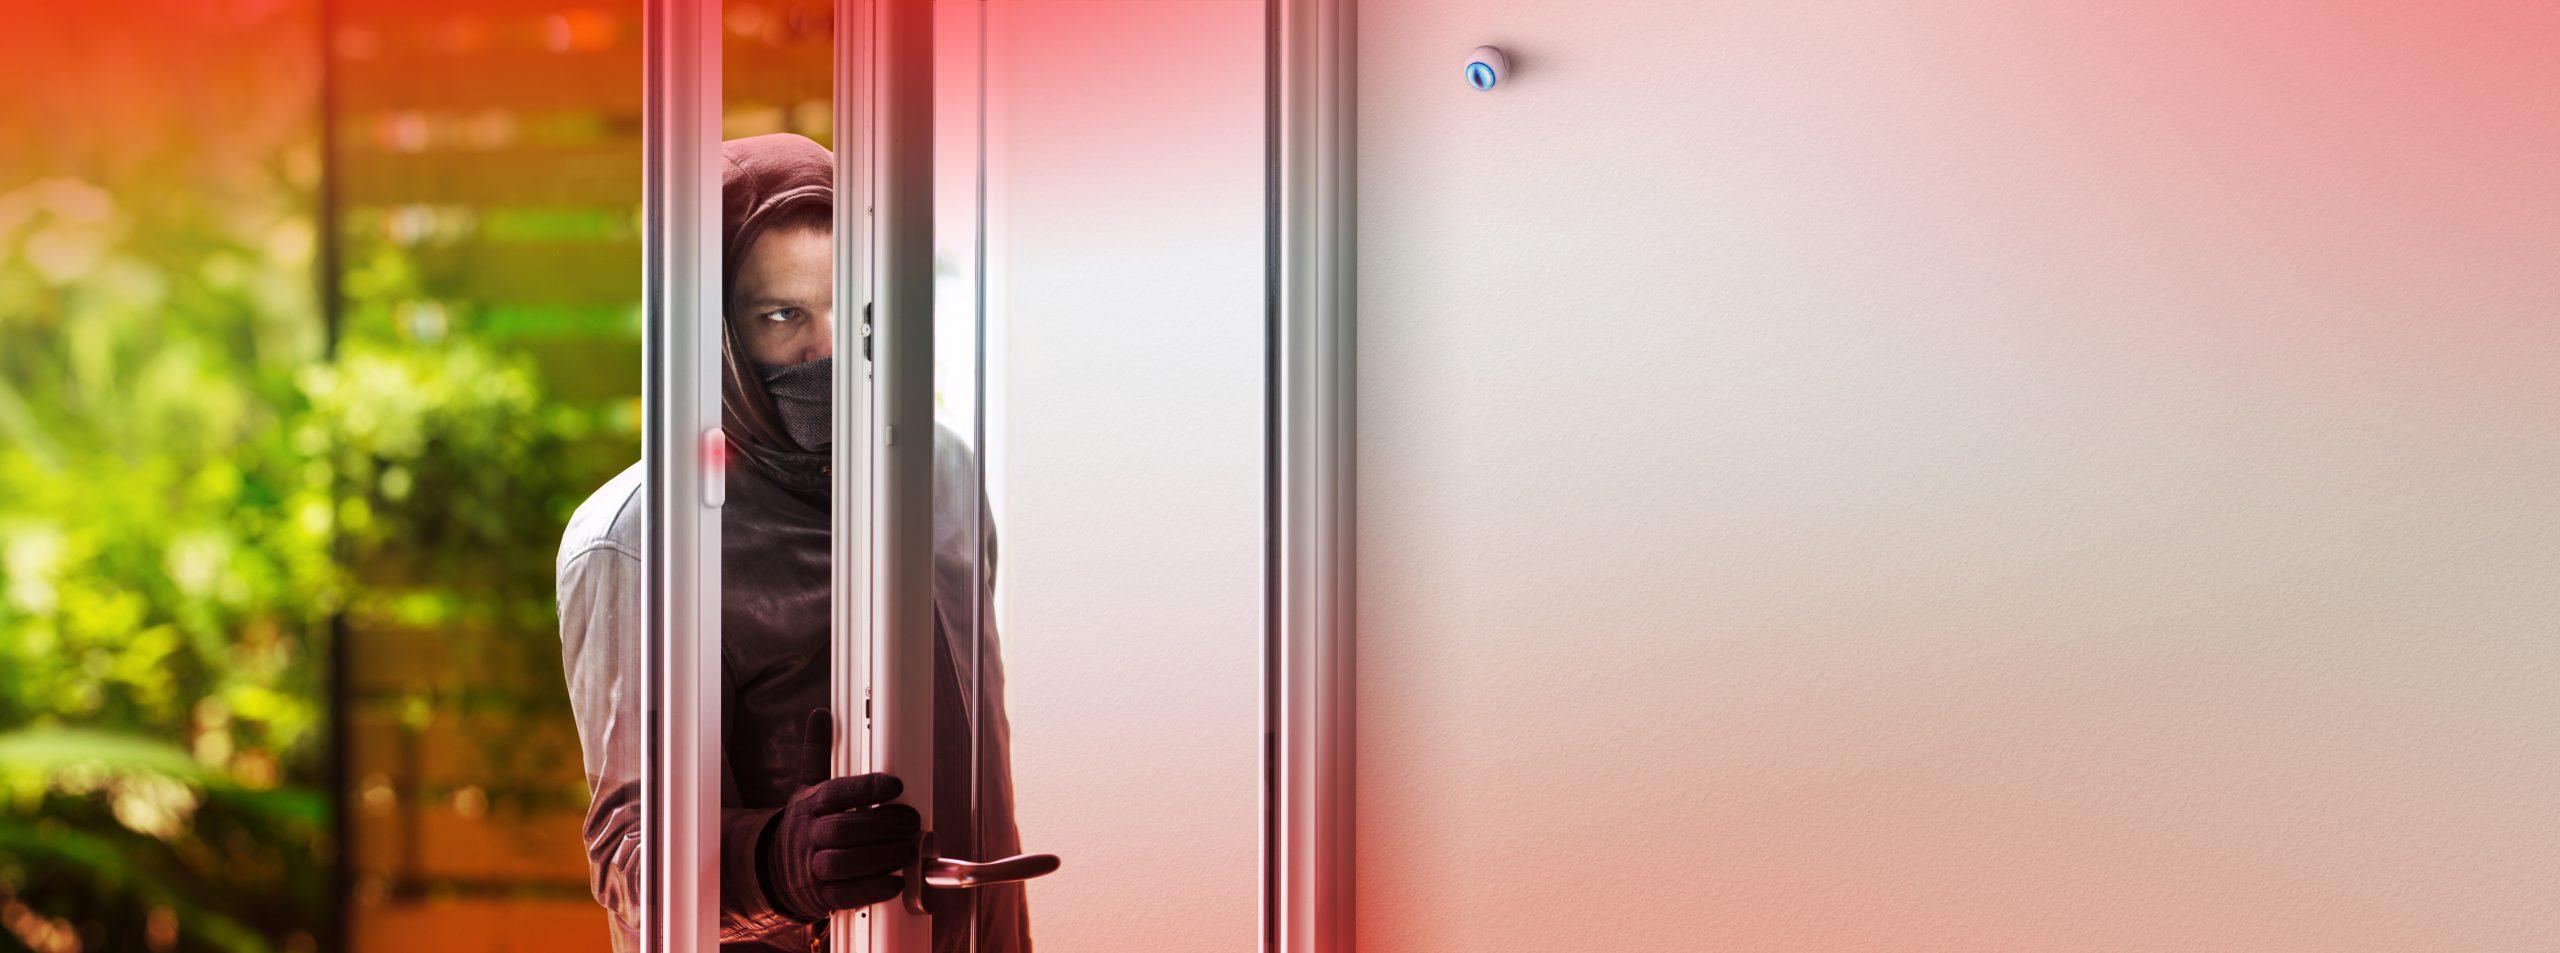 Giải pháp an ninh an toàn nhà thông minh smarthome điều khiển bằng giọng nói fibaro